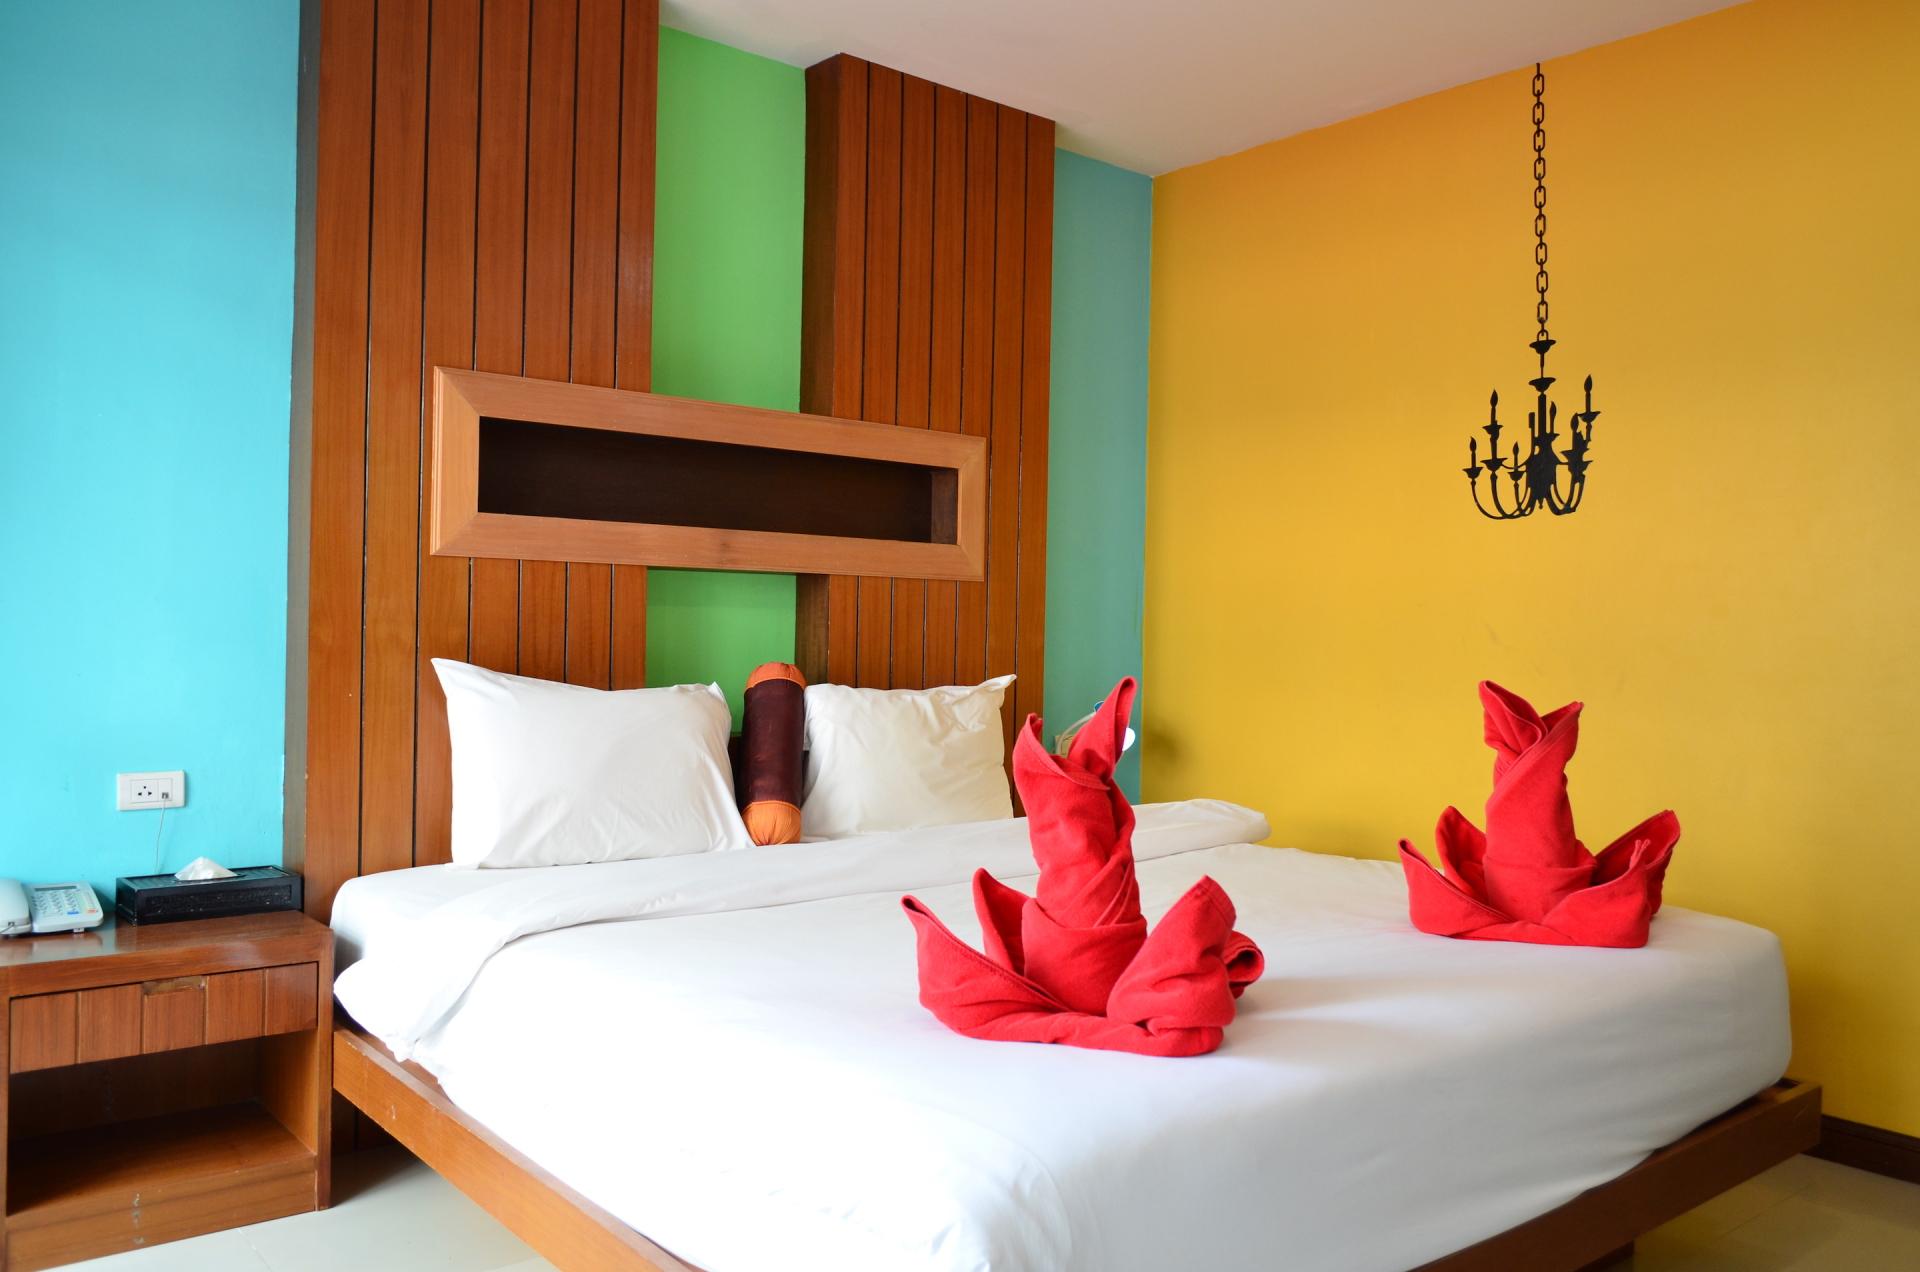 Centro @ Sansabai Hotel (Pill Boutique @ Sansabai)